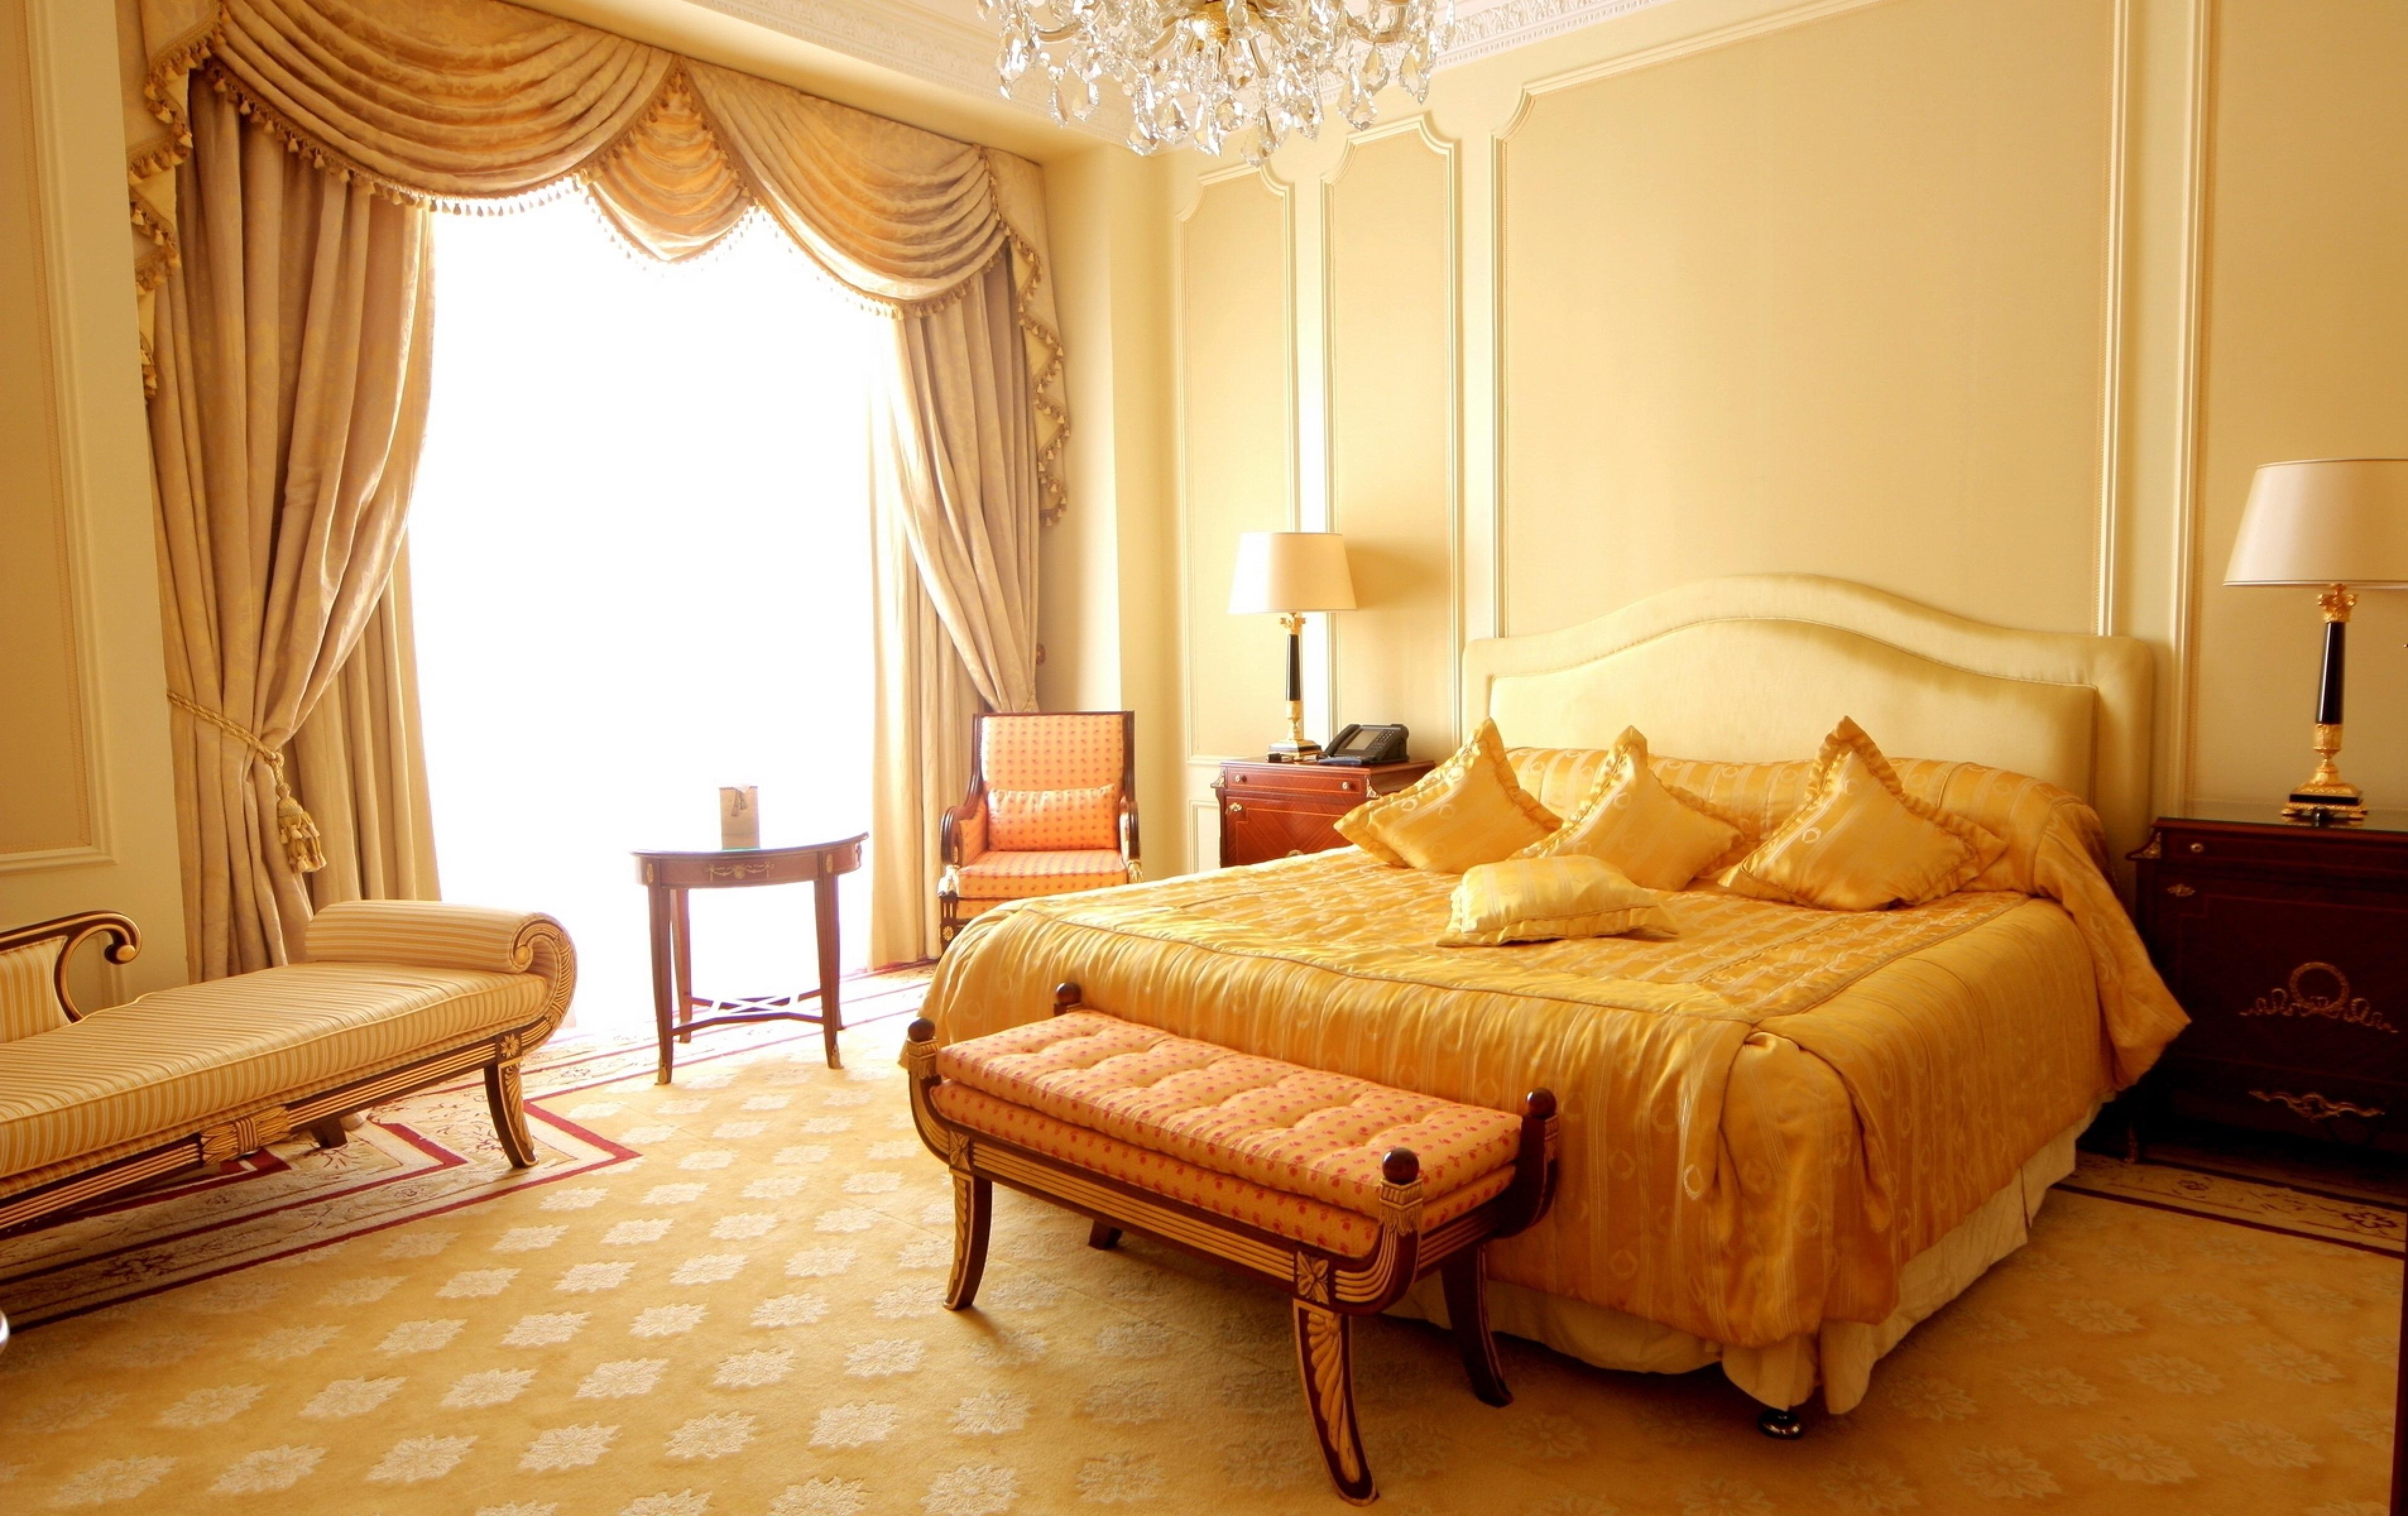 Дизайн спальни с кроватью и диваном фото орудовать зубной